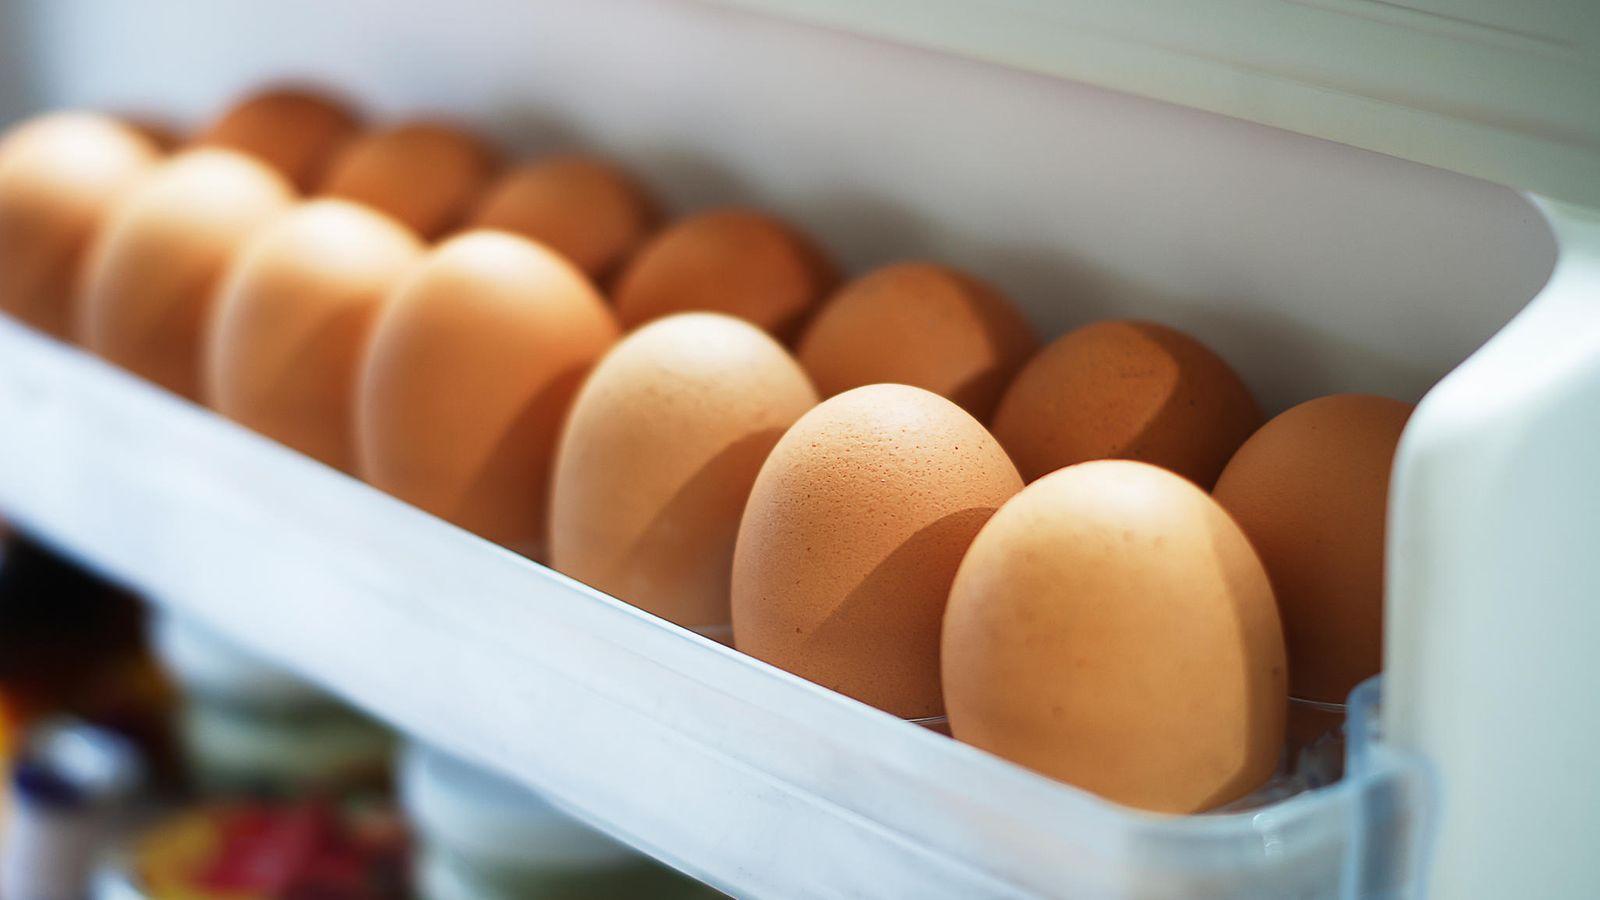 Keitetty Kananmuna Säilyvyys Jääkaapissa